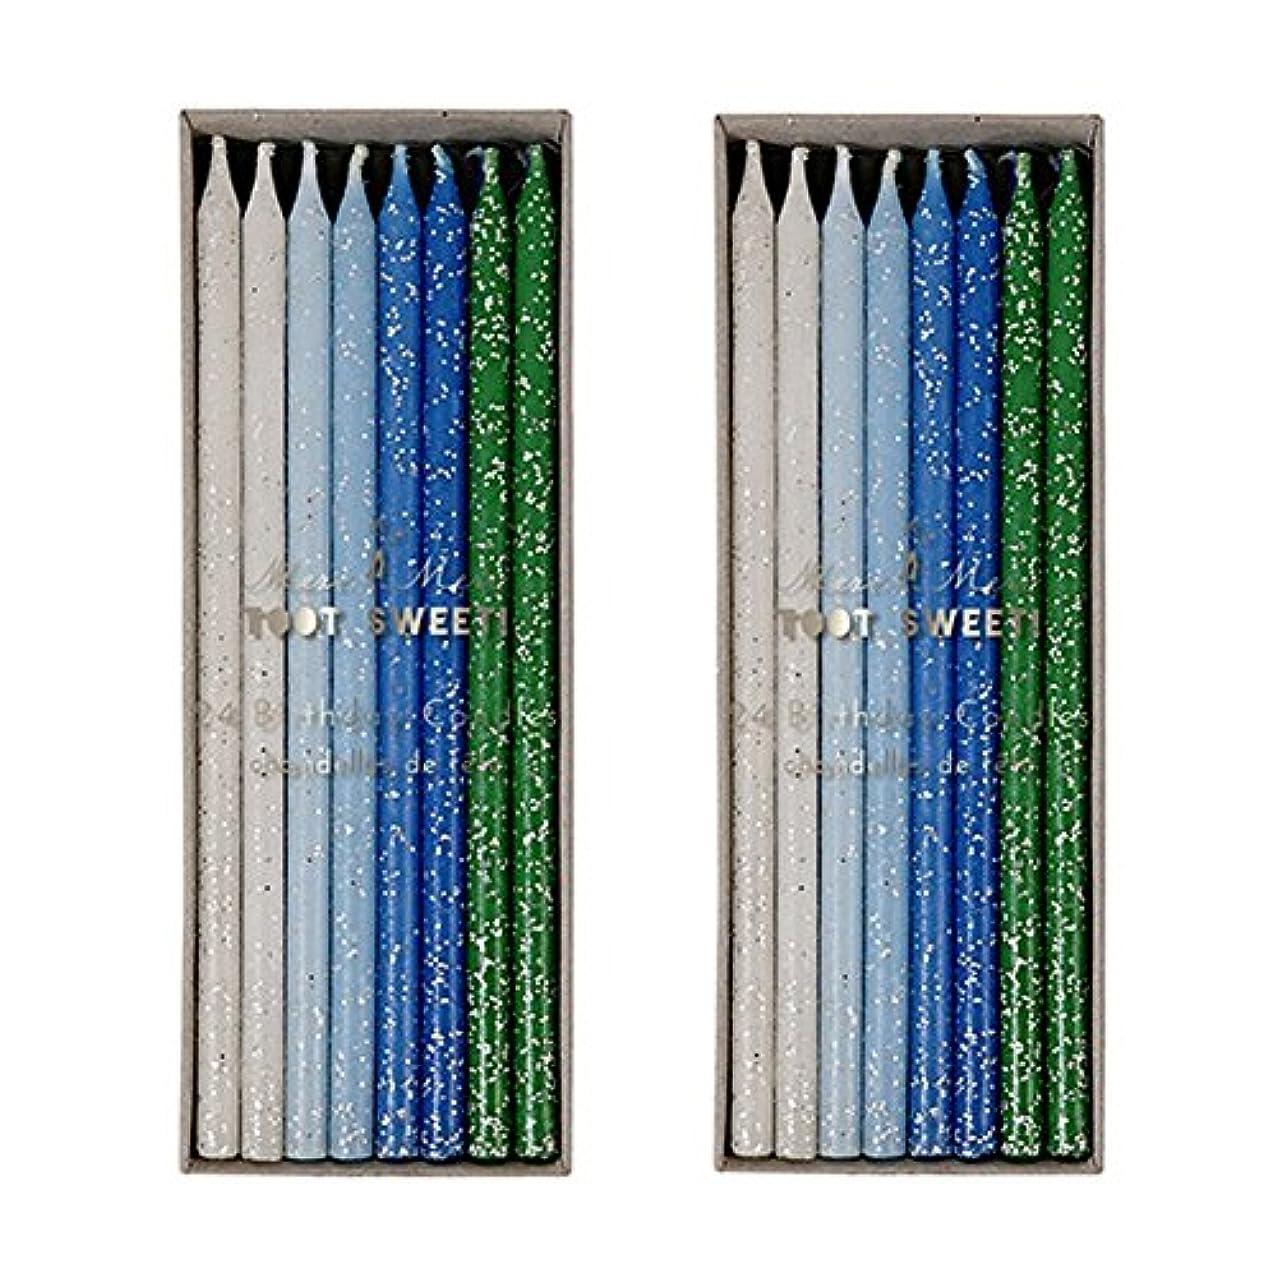 有能な構成くしゃくしゃMeri Meri Birthday Candles 2つpack-48キャンドル ブルー